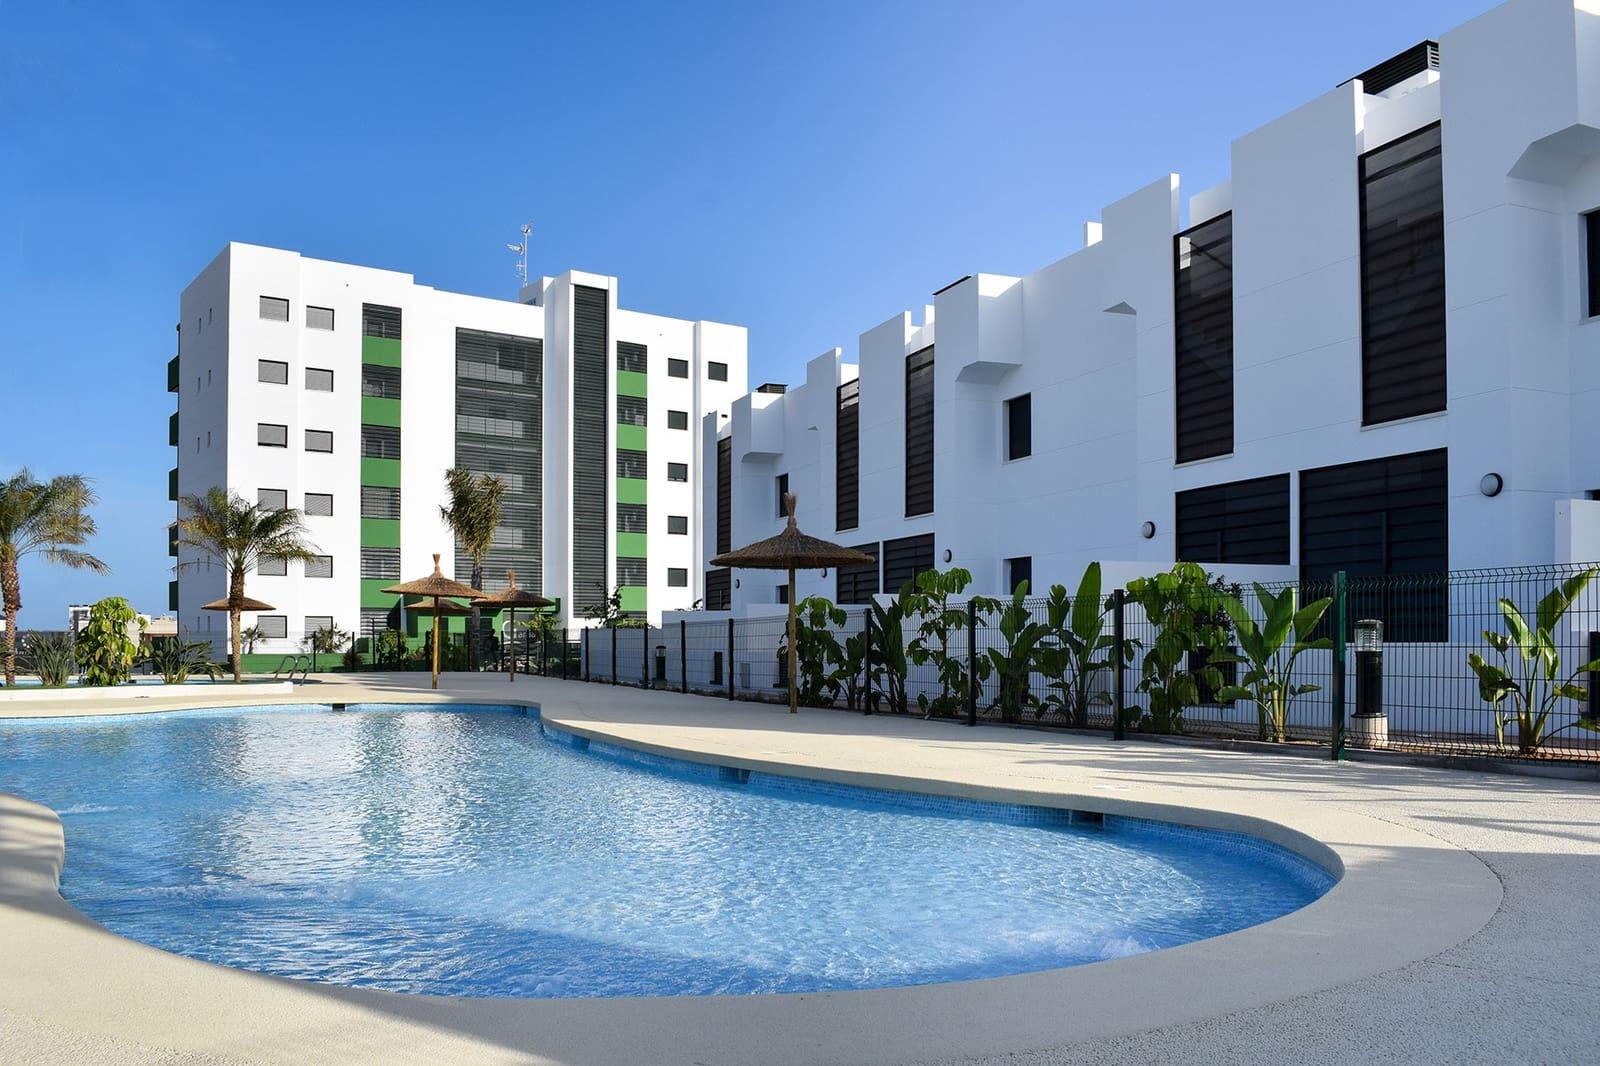 Apartamento de 3 habitaciones en Pilar de la Horadada en venta con piscina - 209.000 € (Ref: 4913131)